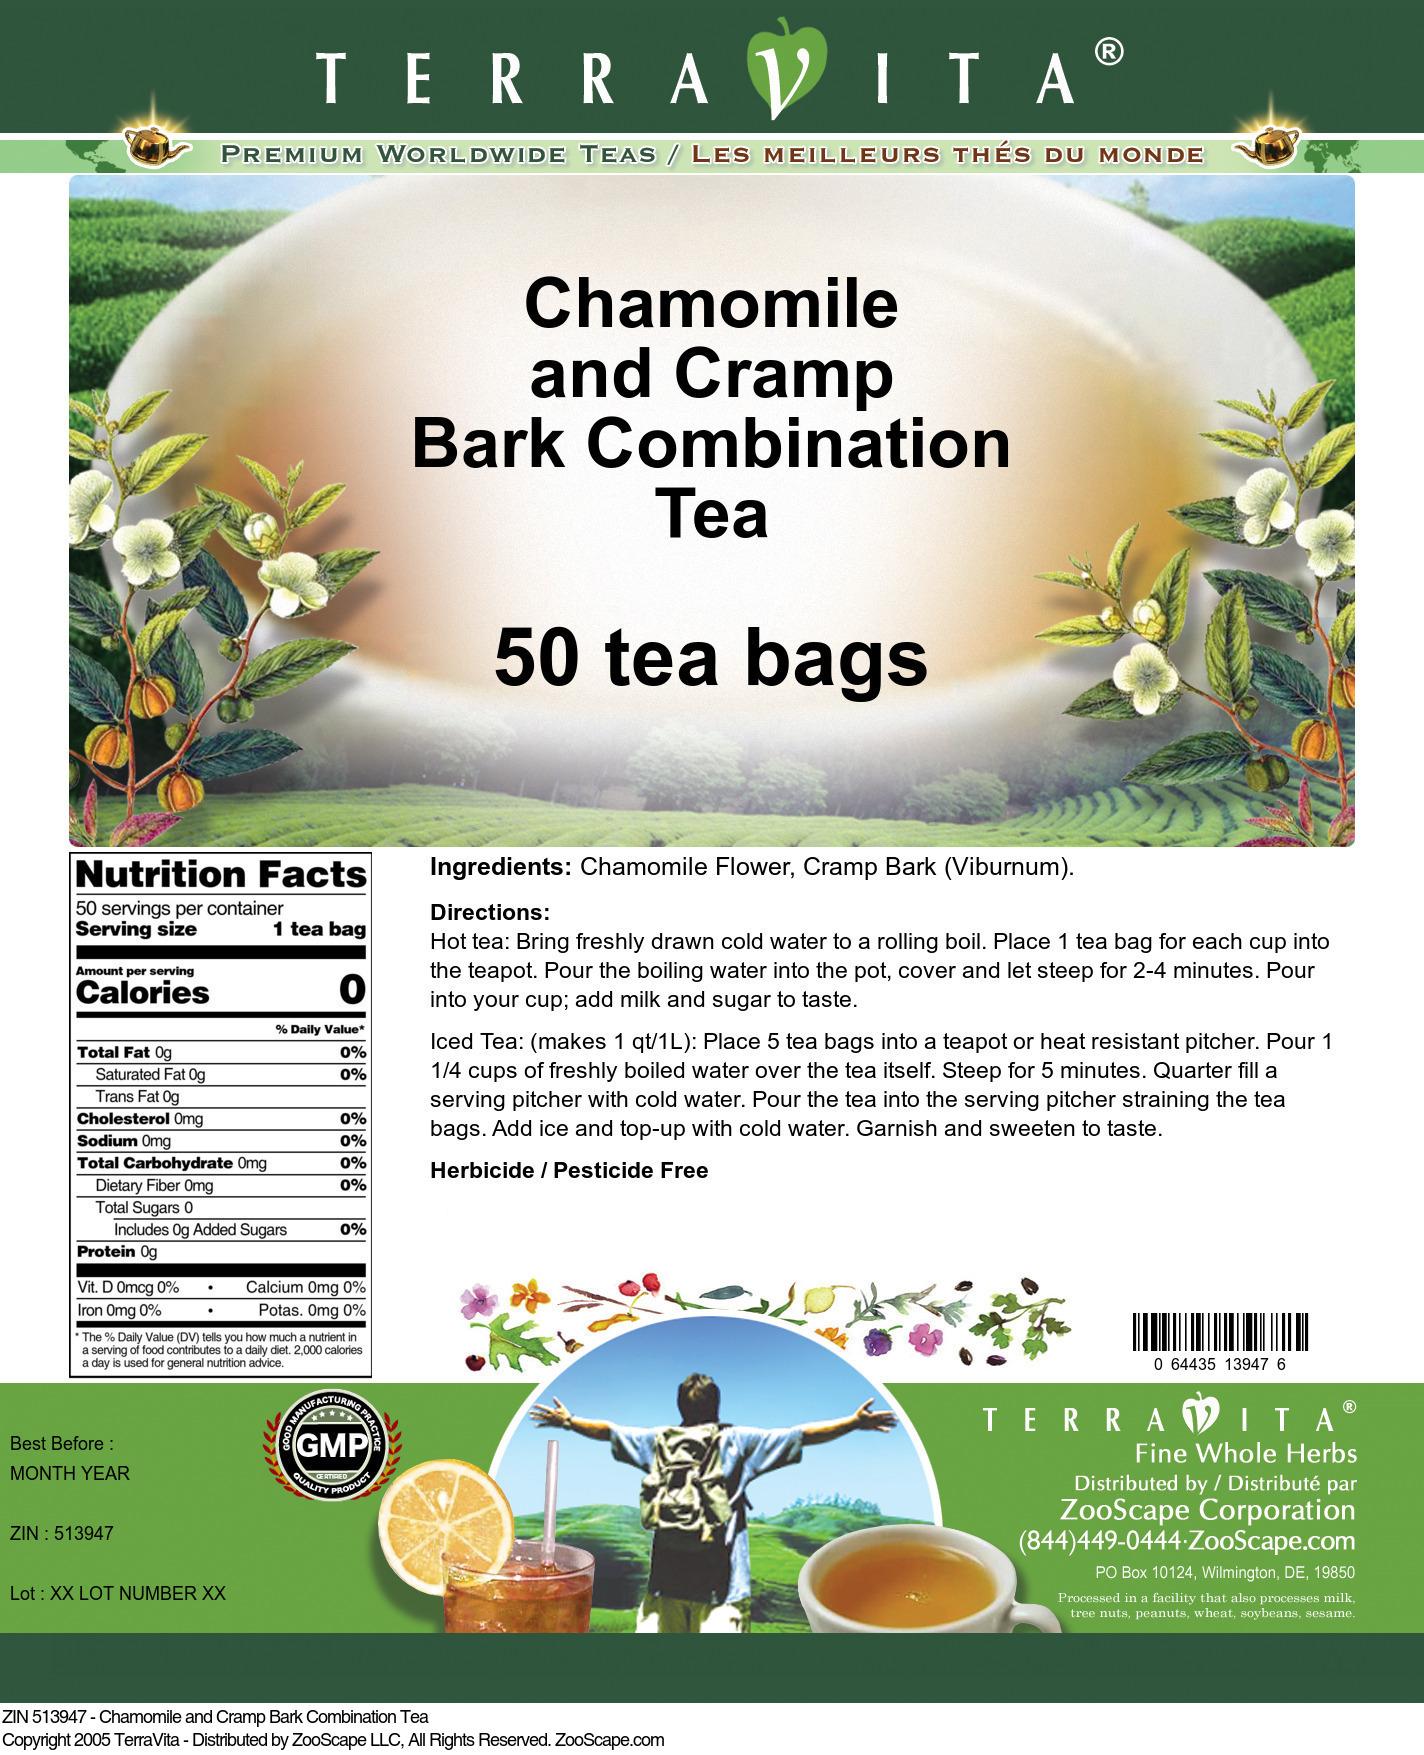 Chamomile and Cramp Bark Combination Tea